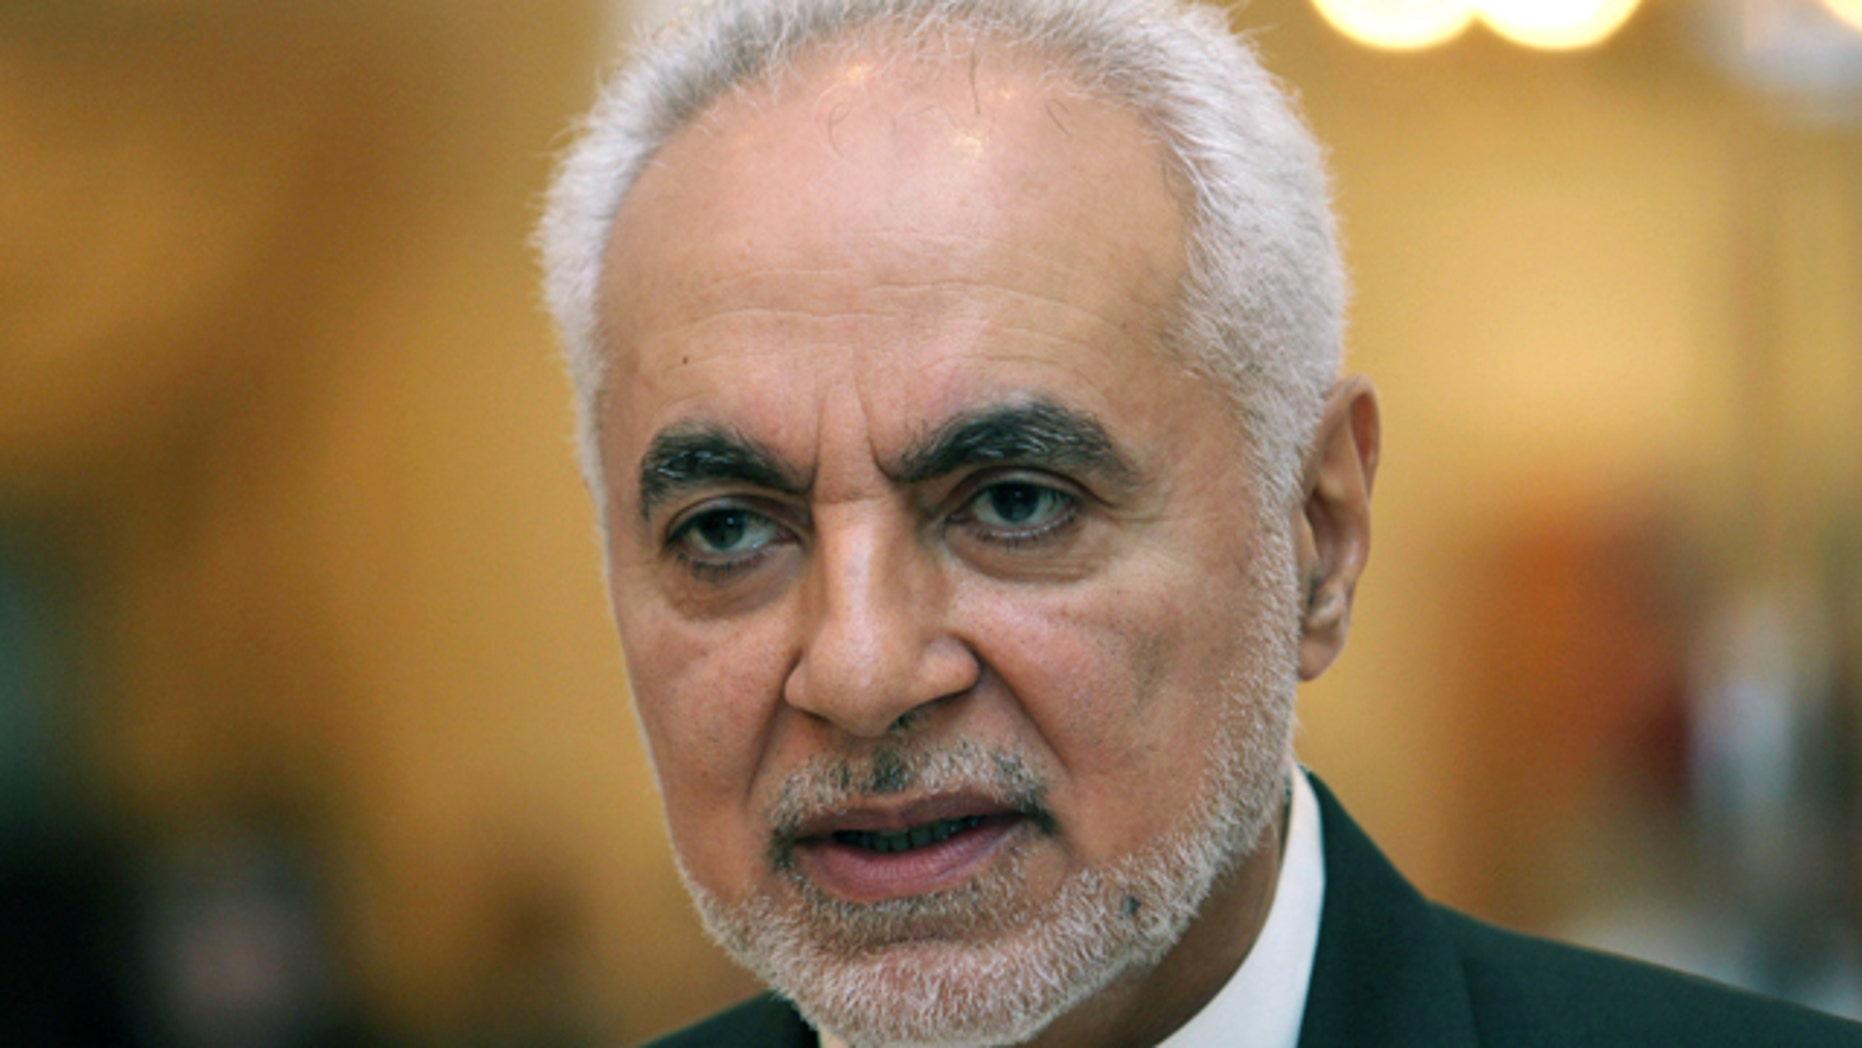 FILE: Imam Feisal Abdul Rauf